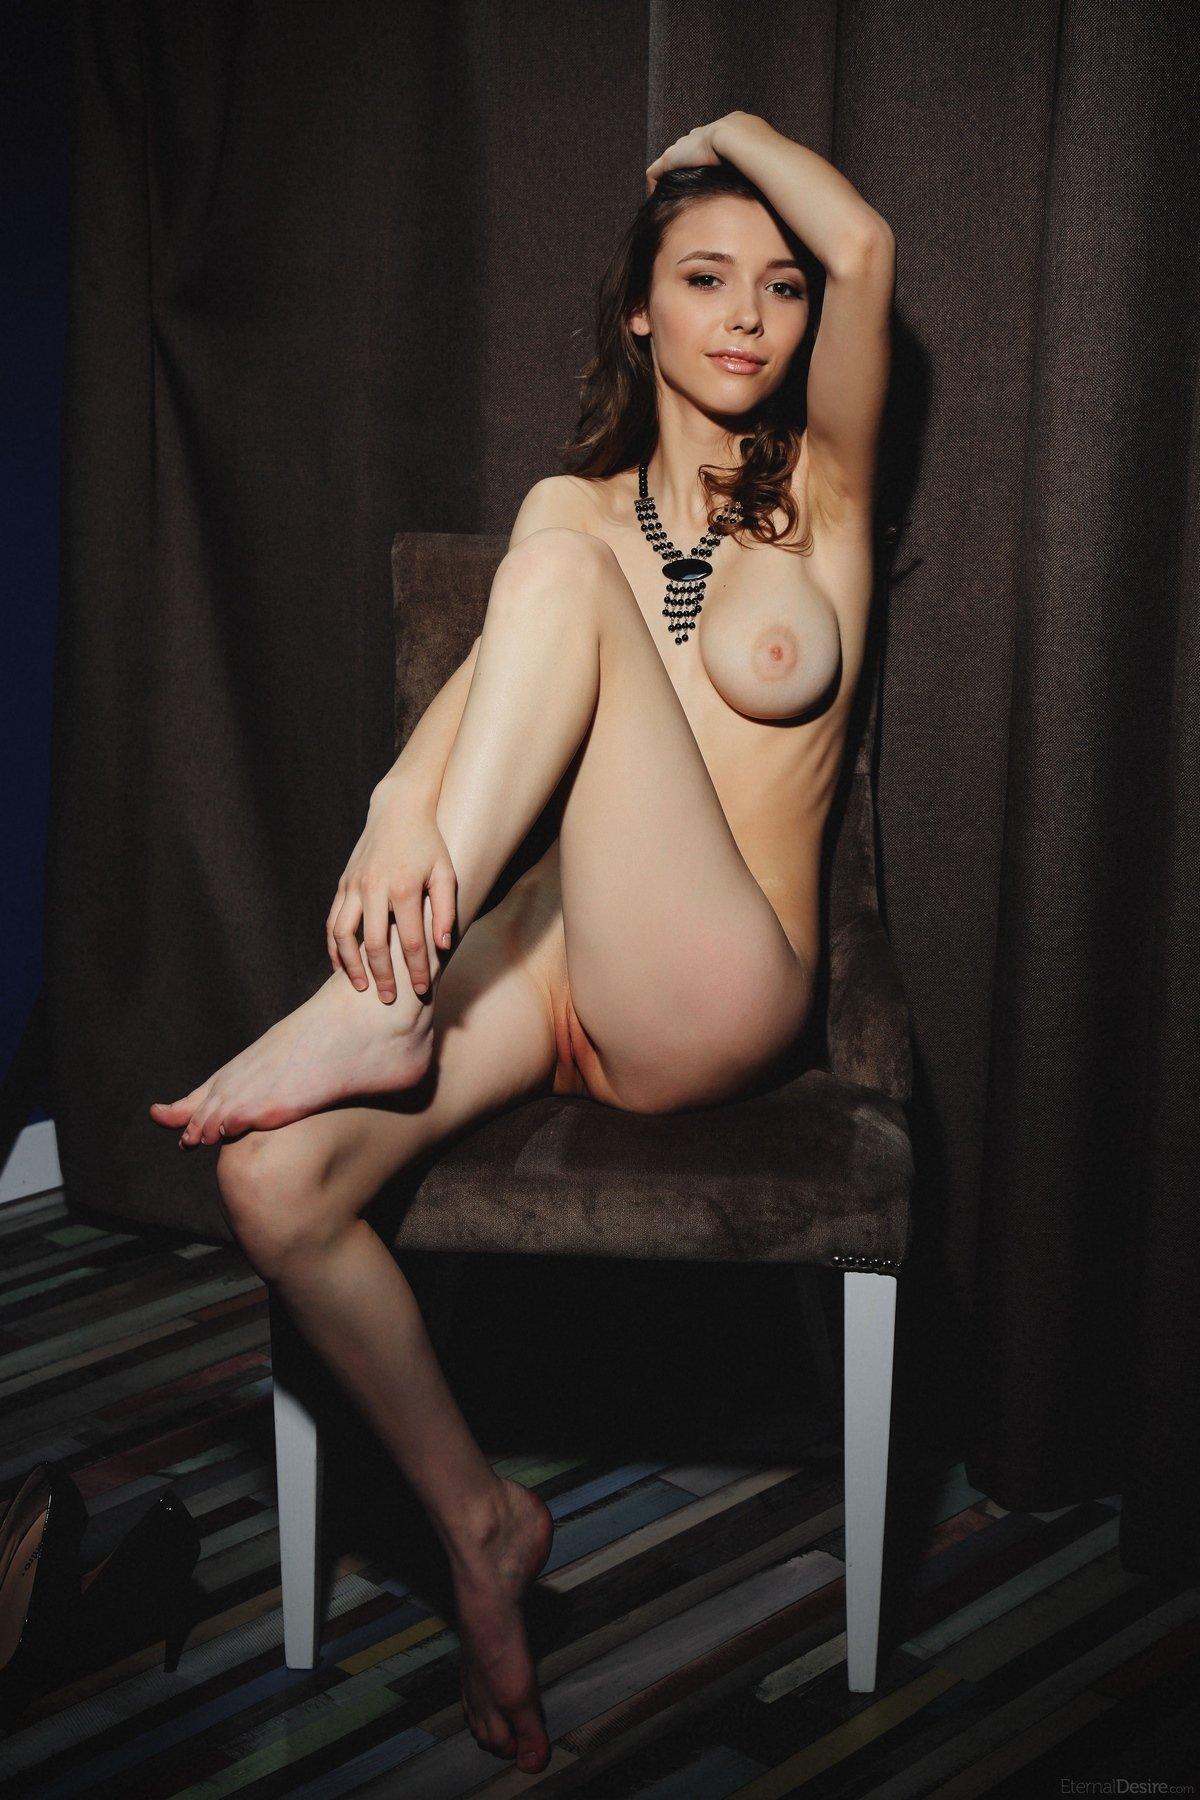 Молодая девушка с классными сиськами в темной комнате